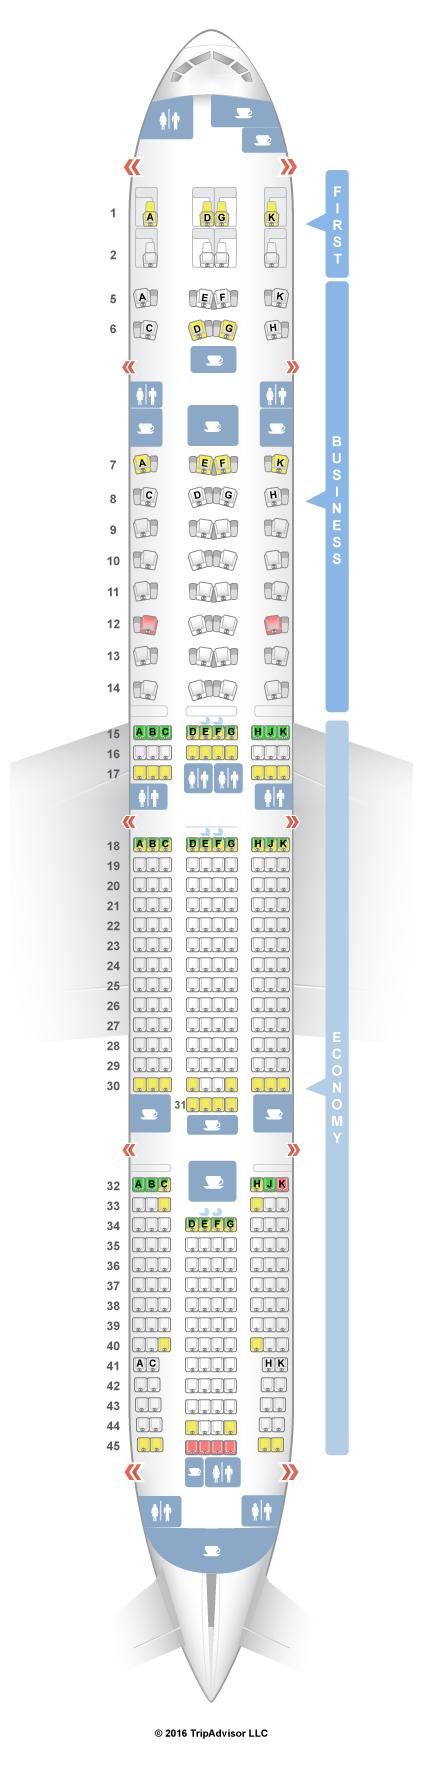 United Airlines First Class 777 200 SeatGuru Seat Map Etih...